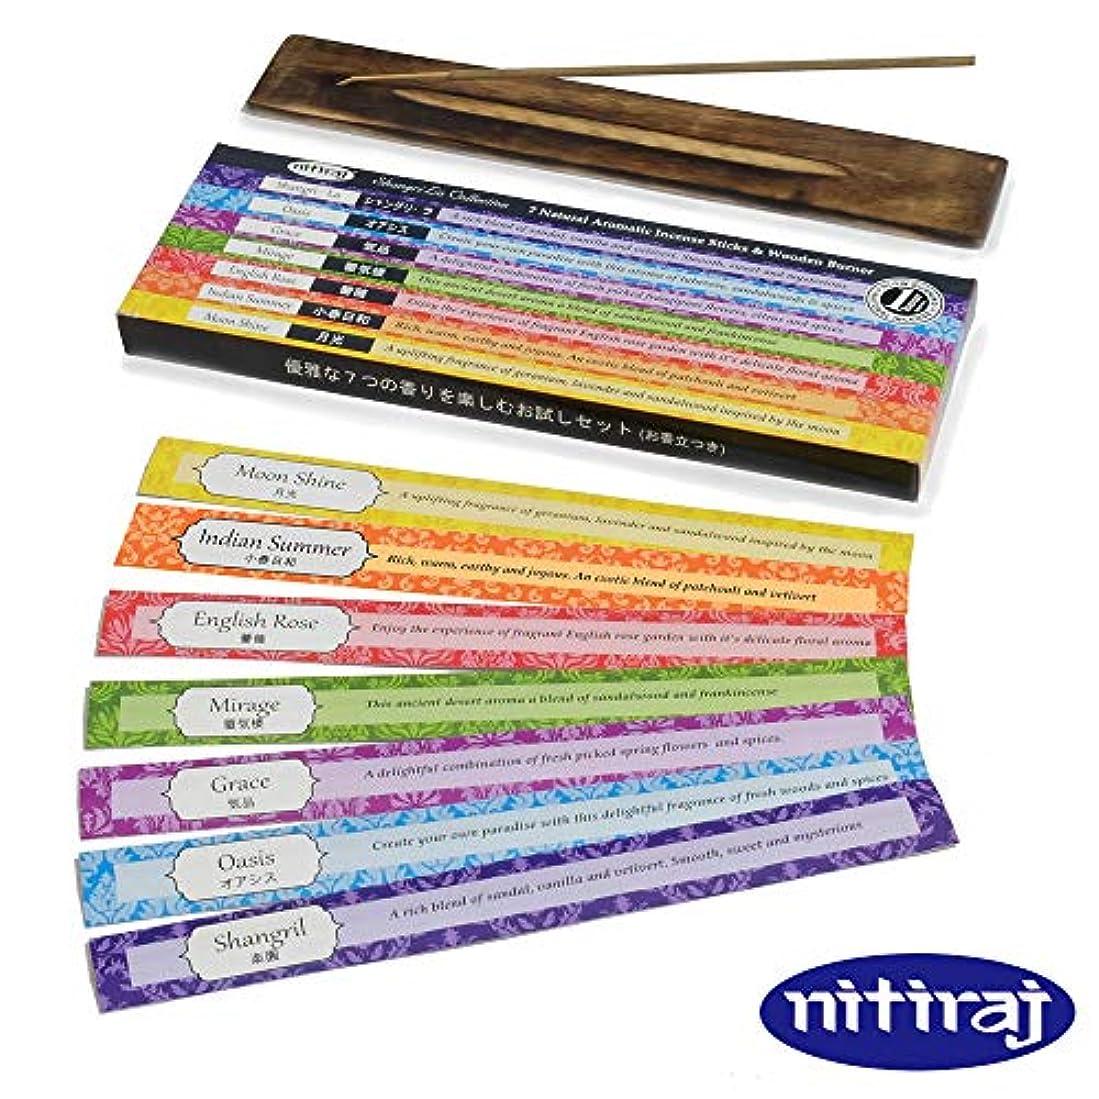 エンコミウム提出するマトロンお香 アロマインセンス Nitiraj(ニティラジ)7種類の香りお試しセット お香たて付き スティック型 天然素材のみ使用 正規輸入代理店